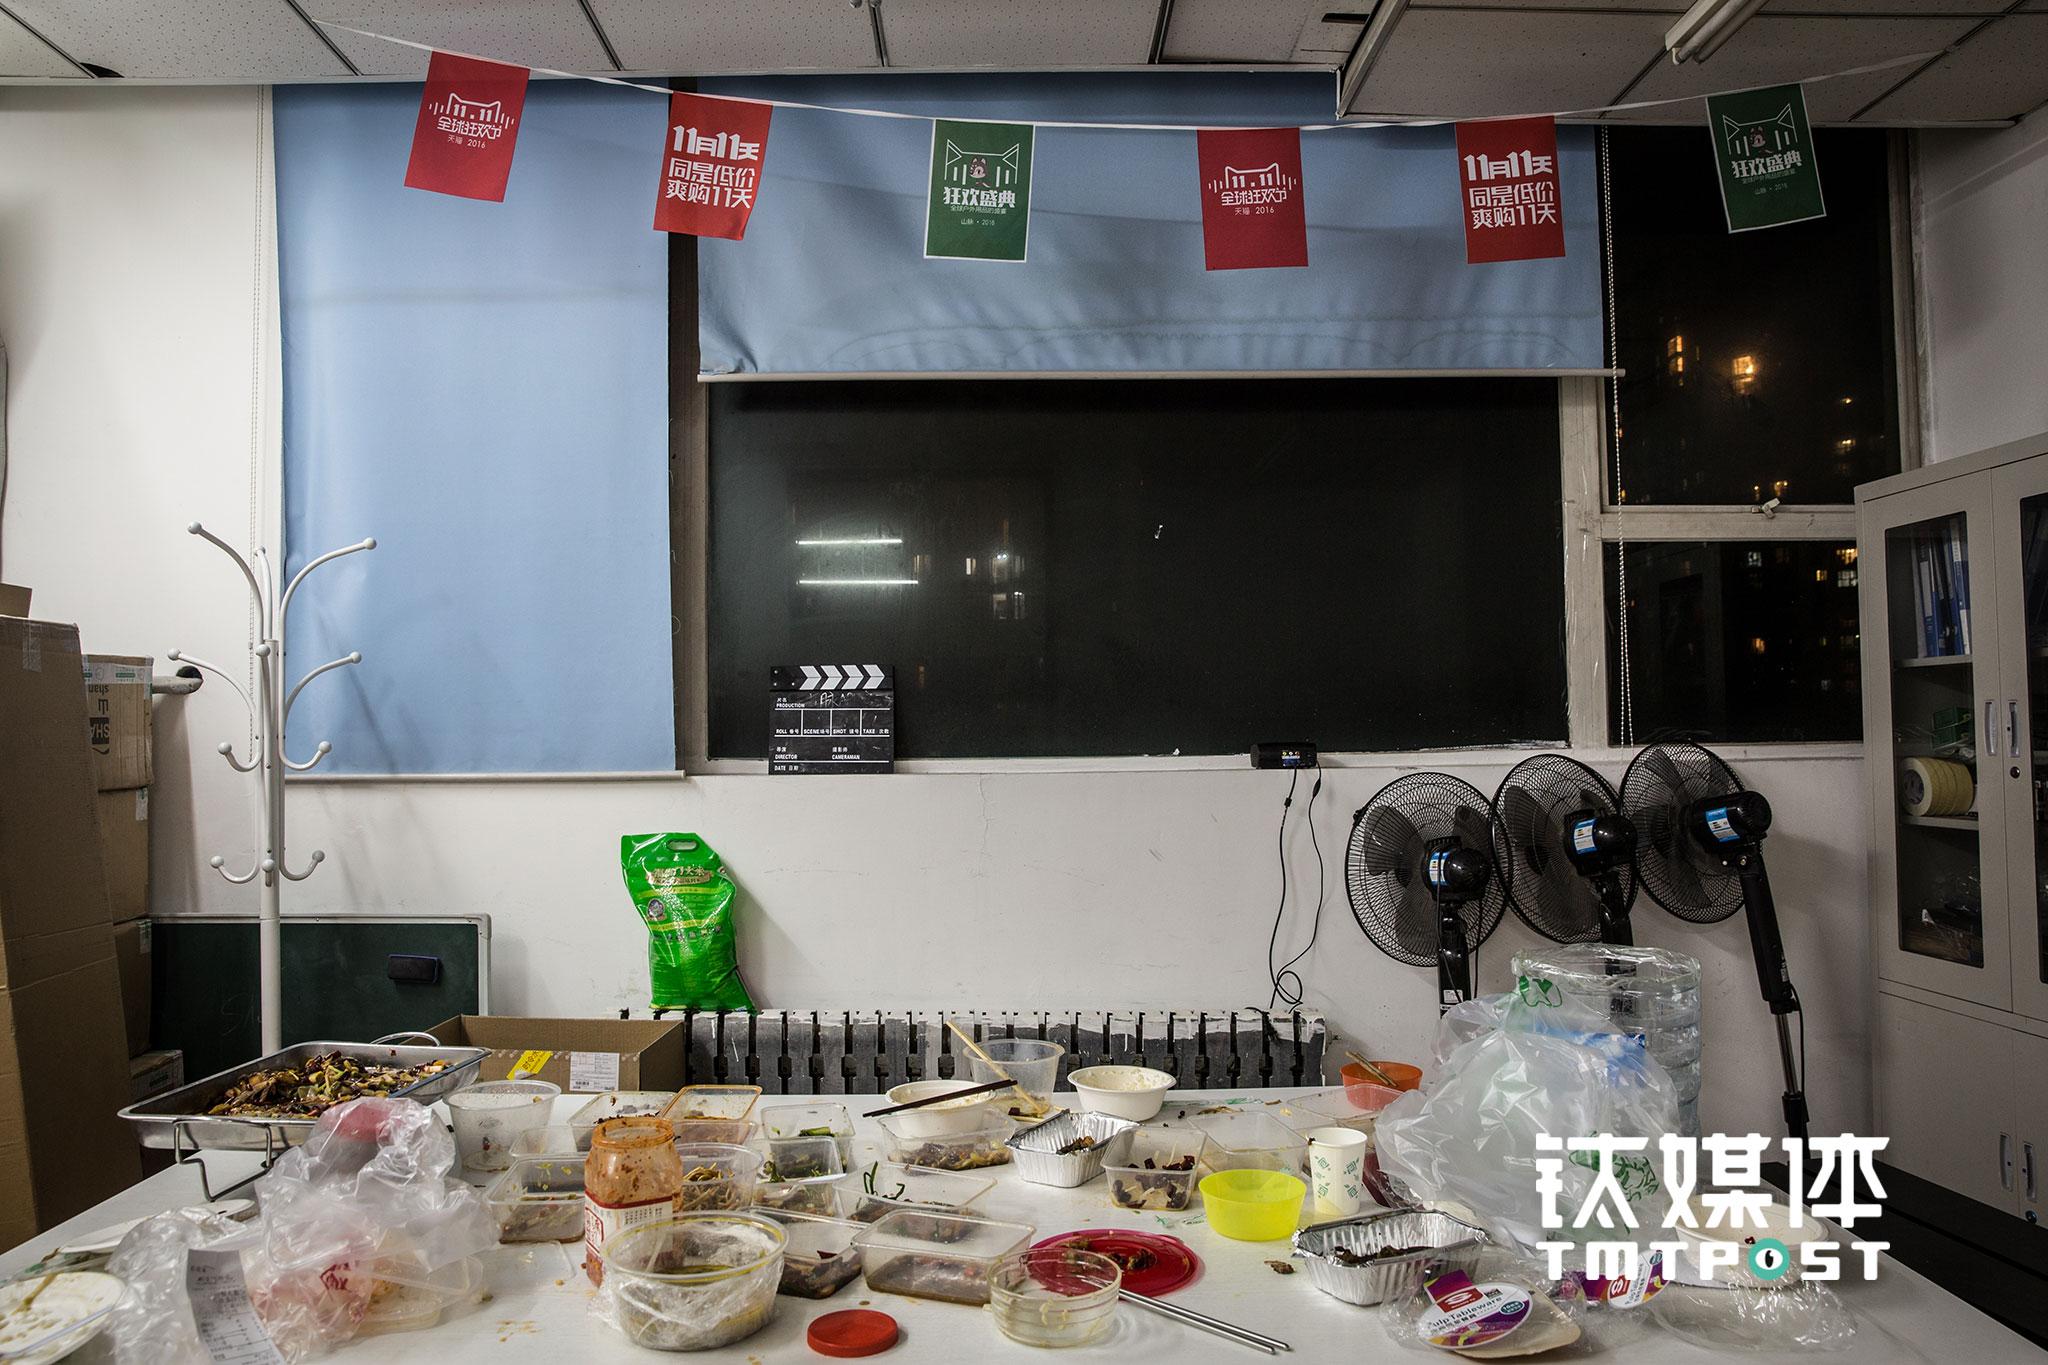 山脉户外自营及代运营的户外用品店铺共有17家,11月10日这一晚有将近30名员工留下加班,在匆匆吃过加班餐后,他们又投入了工作。